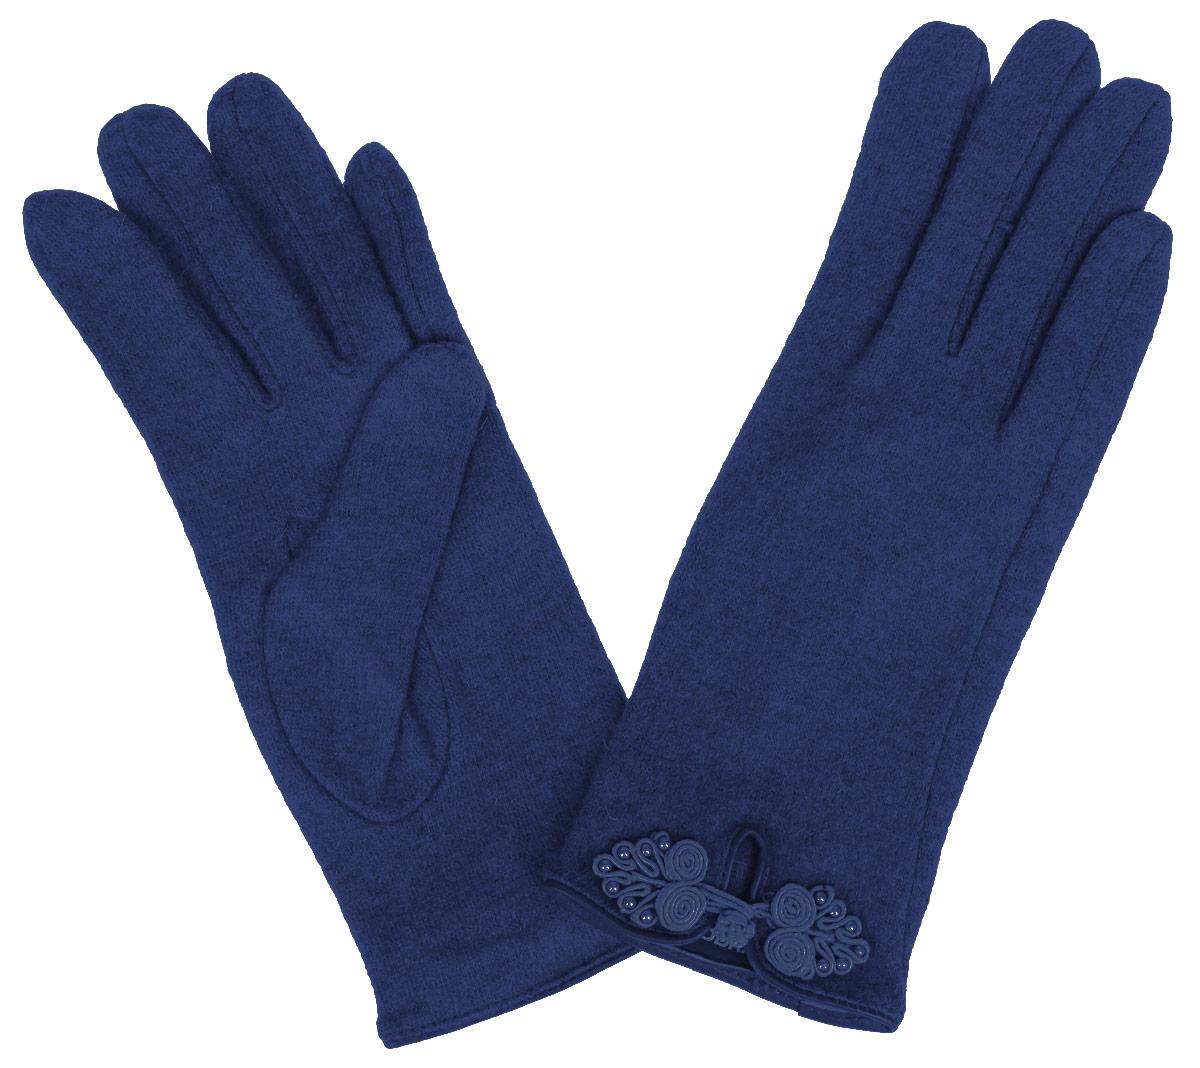 Перчатки женские. LB-PH-63LB-PH-63Элегантные женские перчатки Eleganzza станут великолепным дополнением вашего образа и защитят ваши руки от холода и ветра во время прогулок. Перчатки выполнены из высококачественной комбинированной пряжи, что позволяет им надежно сохранять тепло и обеспечивает высокую гигроскопичность. Модель оформлена декоративной отделкой из шелкового жгута. Такие перчатки будут оригинальным завершающим штрихом в создании современного модного образа, они подчеркнут ваш изысканный вкус и станут незаменимым и практичным аксессуаром.